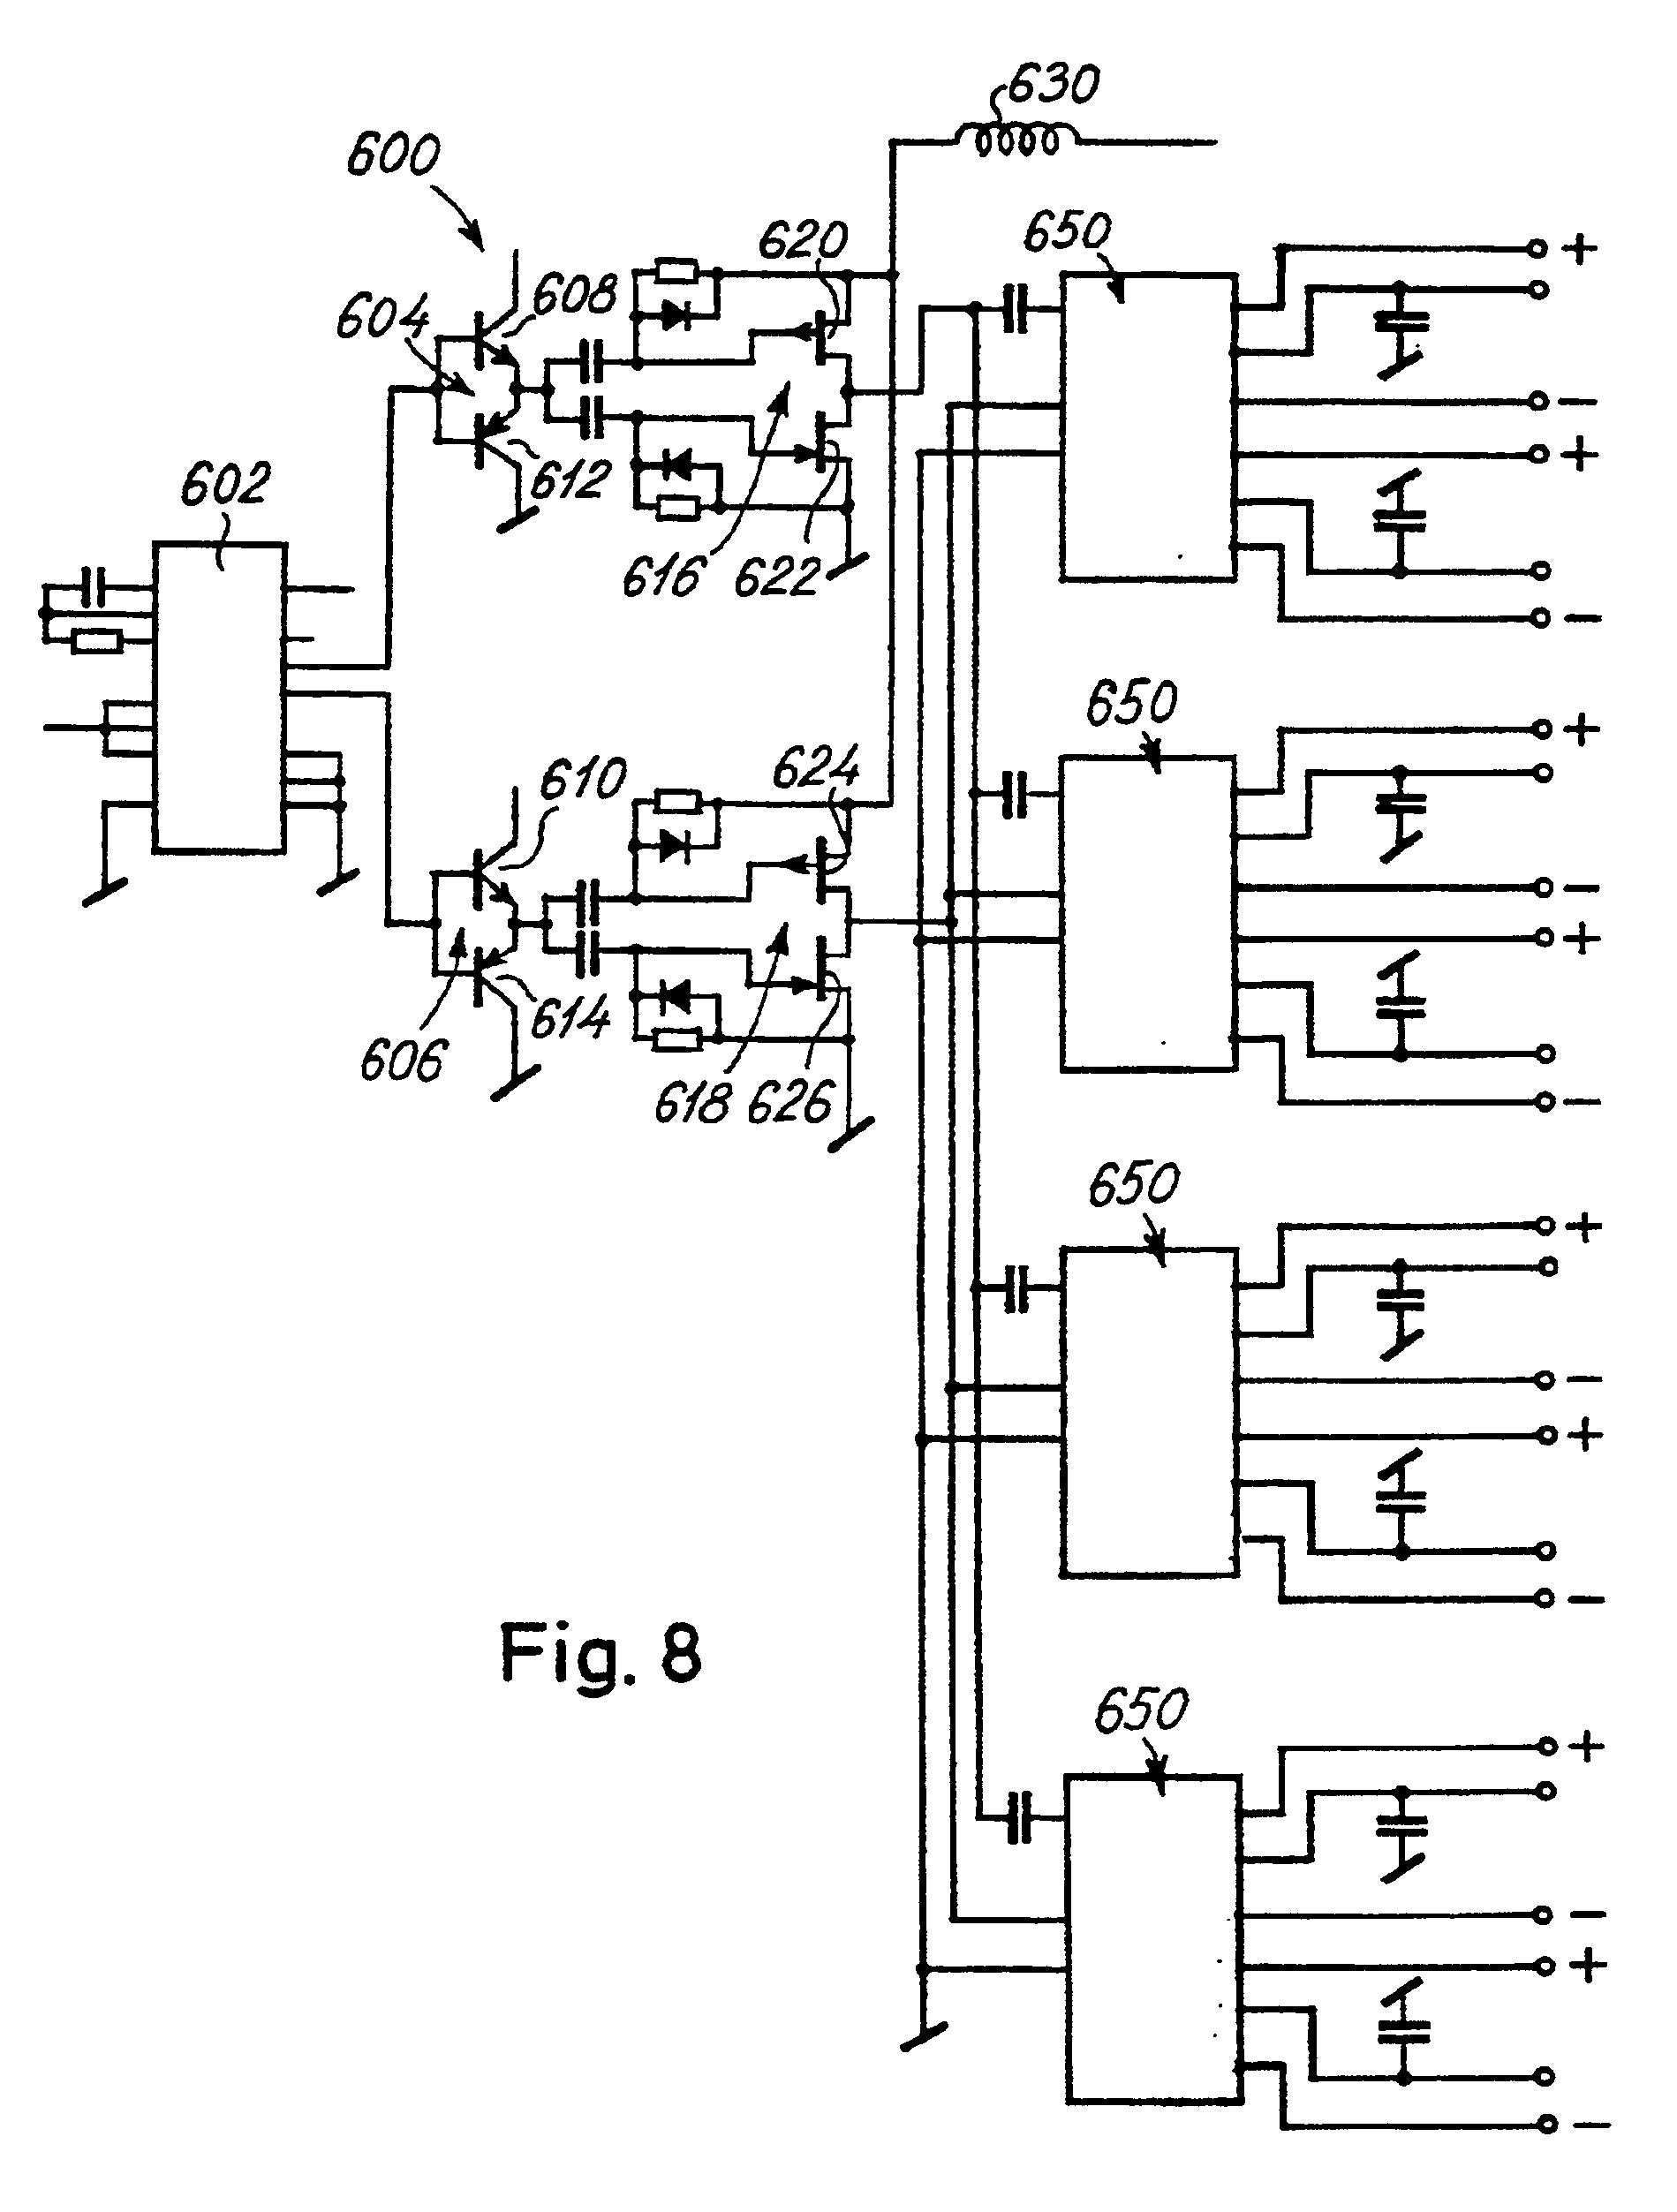 Surround sound system wiring diagram surround sound systems